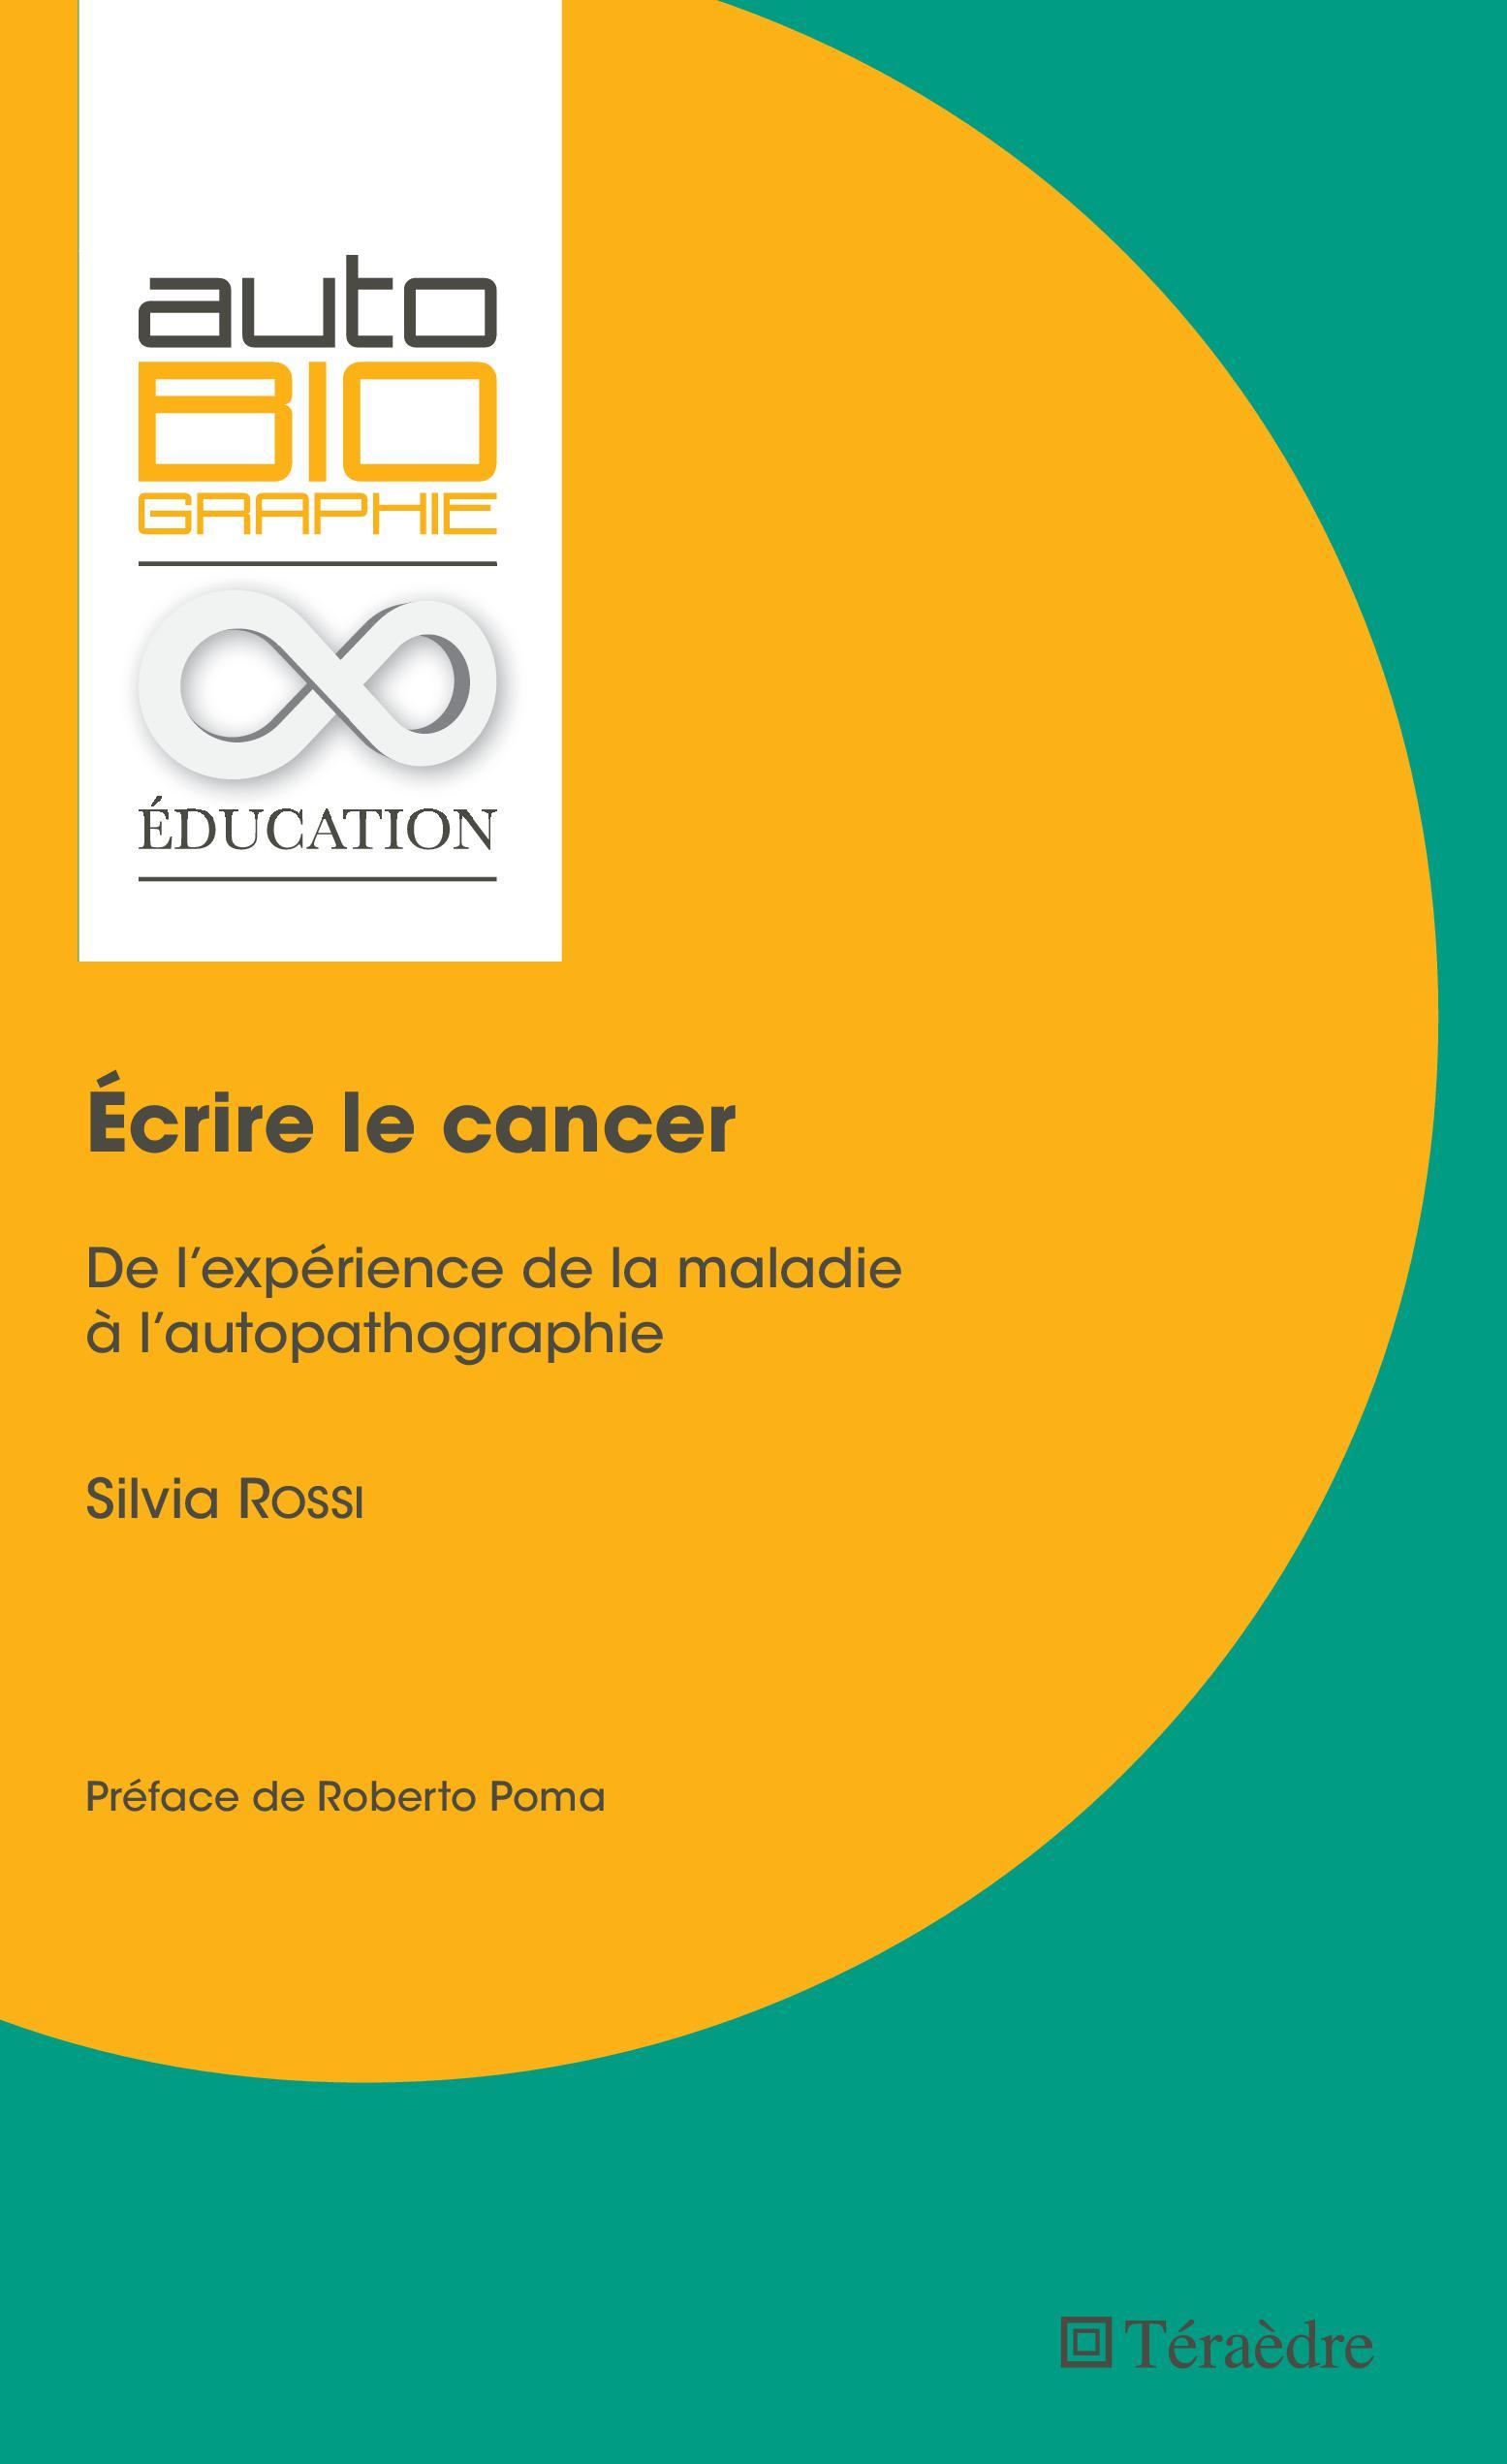 S. Rossi, Écrire le cancer.De l'expérience de la maladie à l'autopathographie